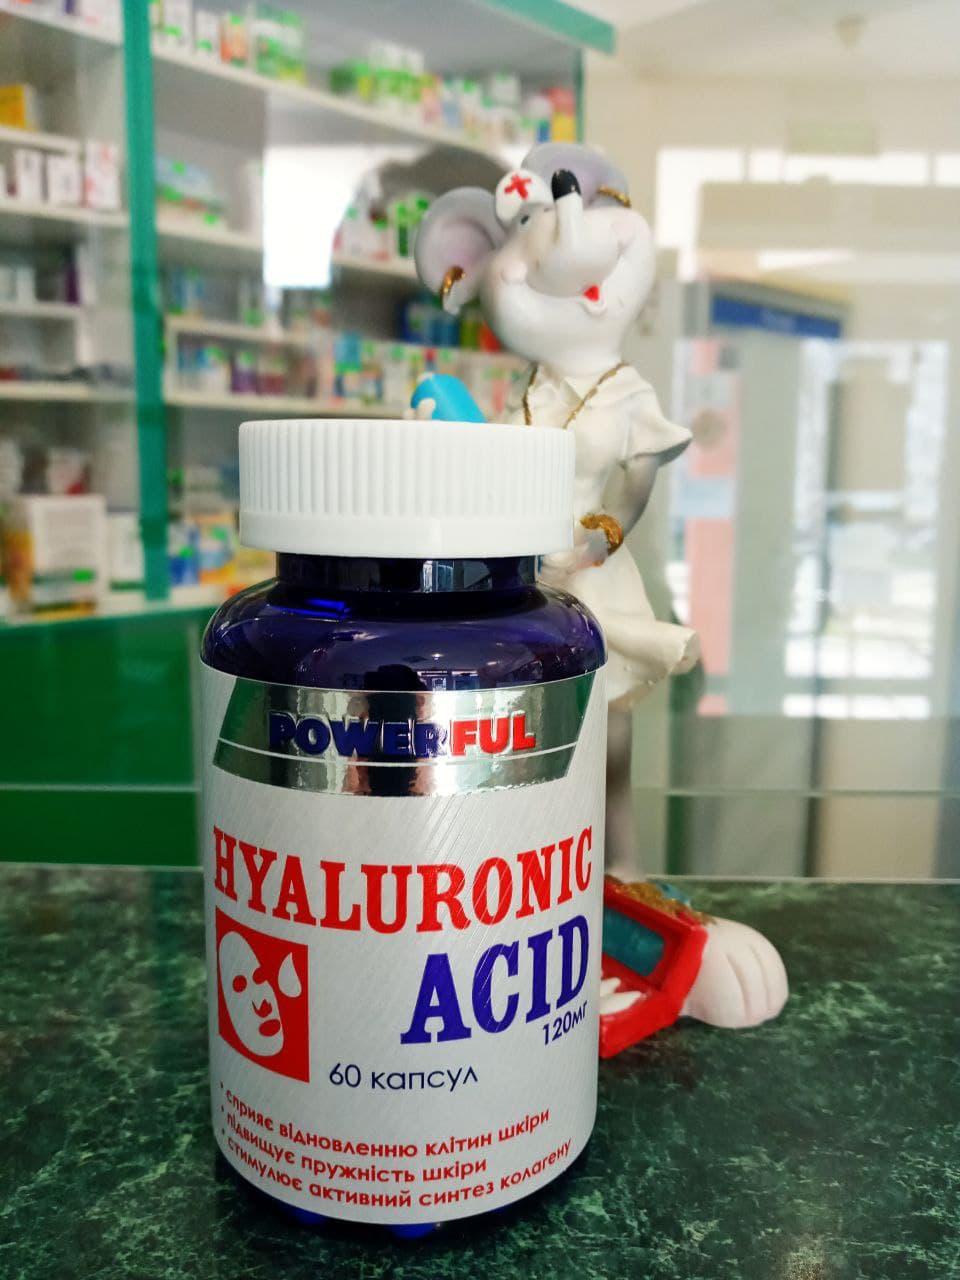 Покупаете капсулы гиалуроновой кислоты, обогащенные витамином С и коллагеном в комплексе ухода за увлажнением кожи, состоянием суставов и слизистой глаз